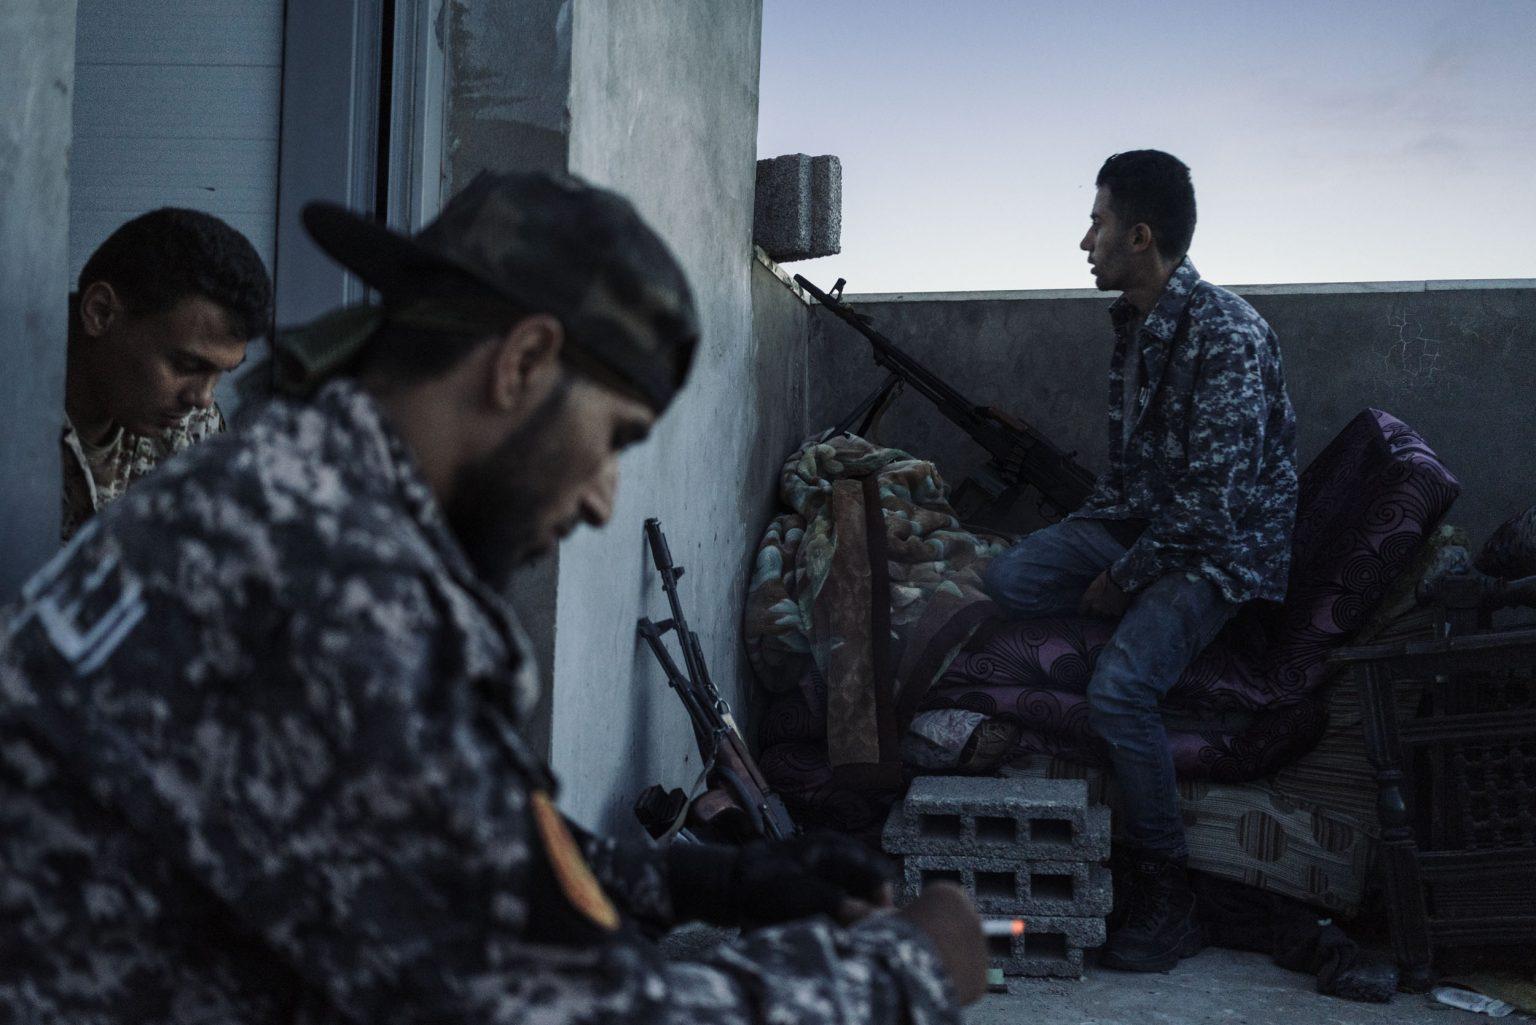 Tripoli, Libya, May 24th 2019 - al Qala frontline A sniper position on a house >< Tripoli, Libia, 24 maggio 2019 Ð Fronte al Qala. Cecchino posizionato sul tetto di una casa.